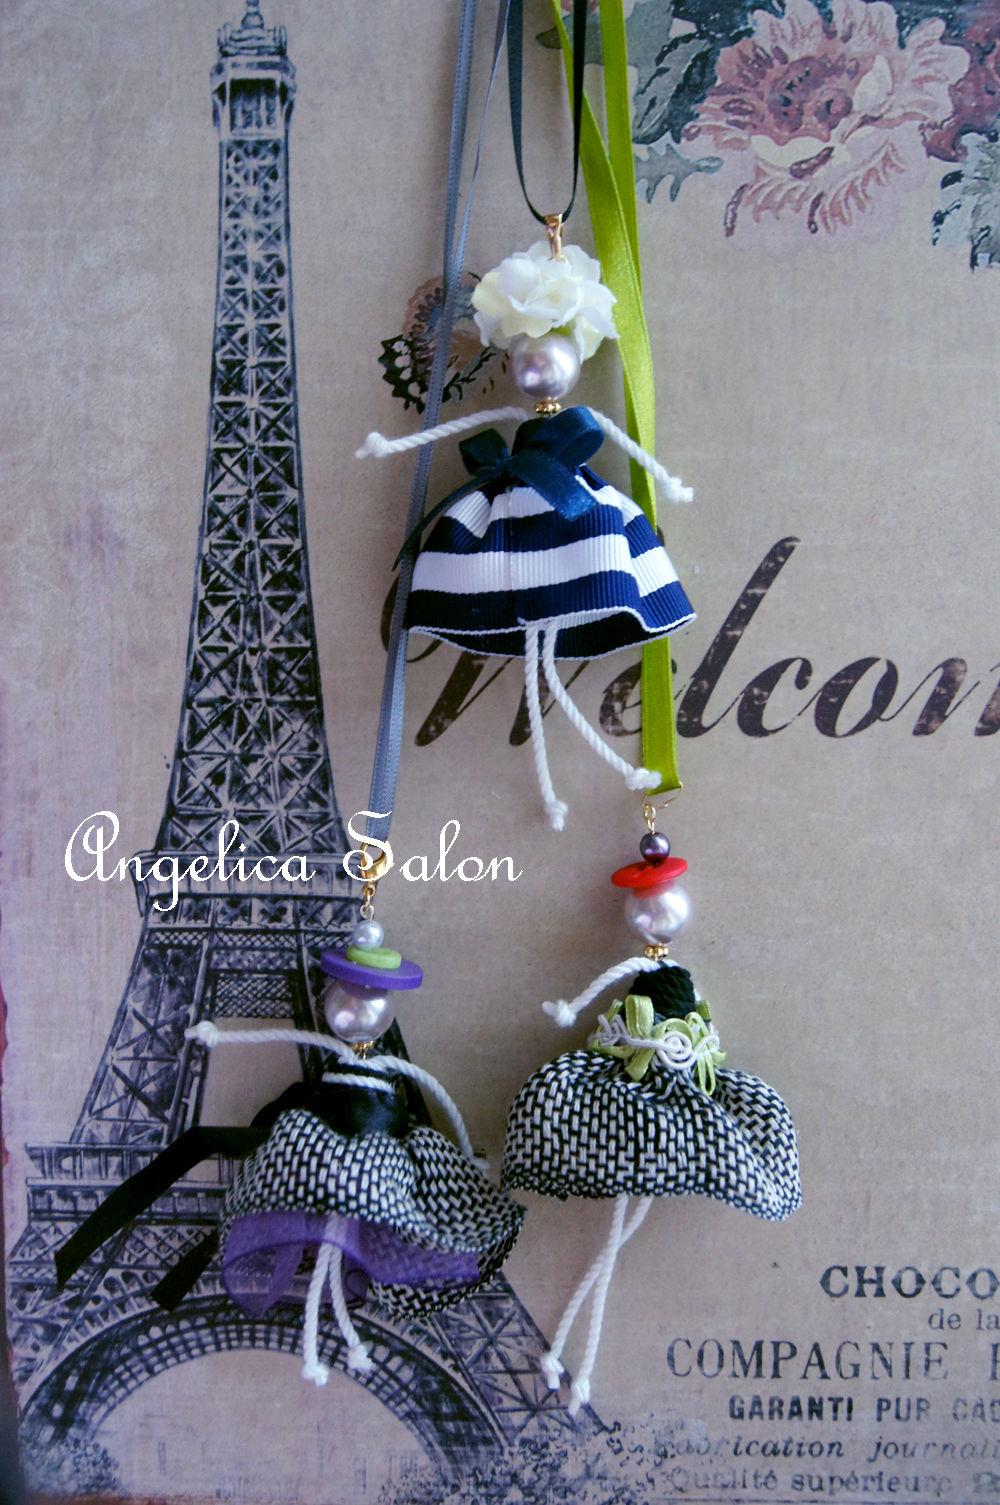 angelicaオリジナルタッセル パリジェンヌ バレエの衣装に合わせて、お好きな衣装のオーダー無料!